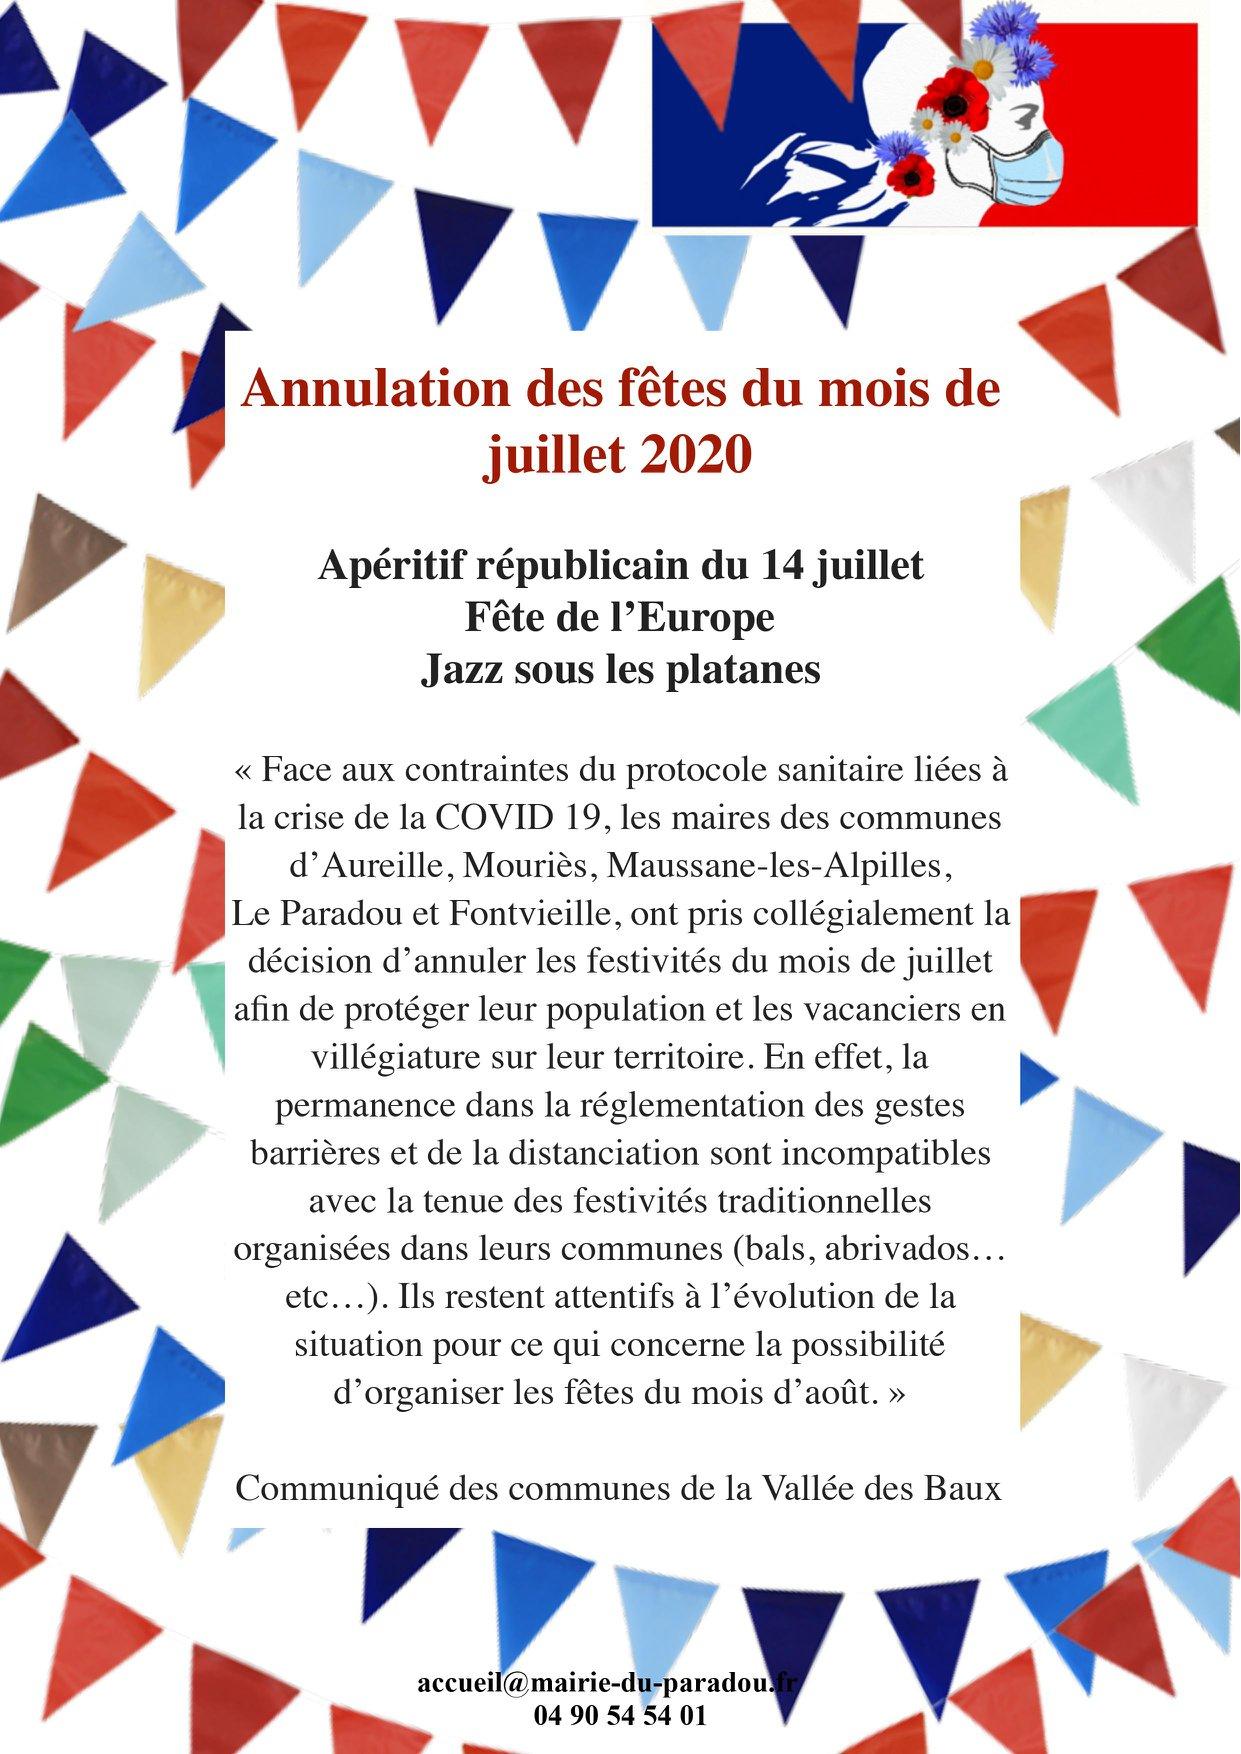 Calendrier Fete Votive 2021 Fête Votive Paradou 2020   Le programme complet des festivités